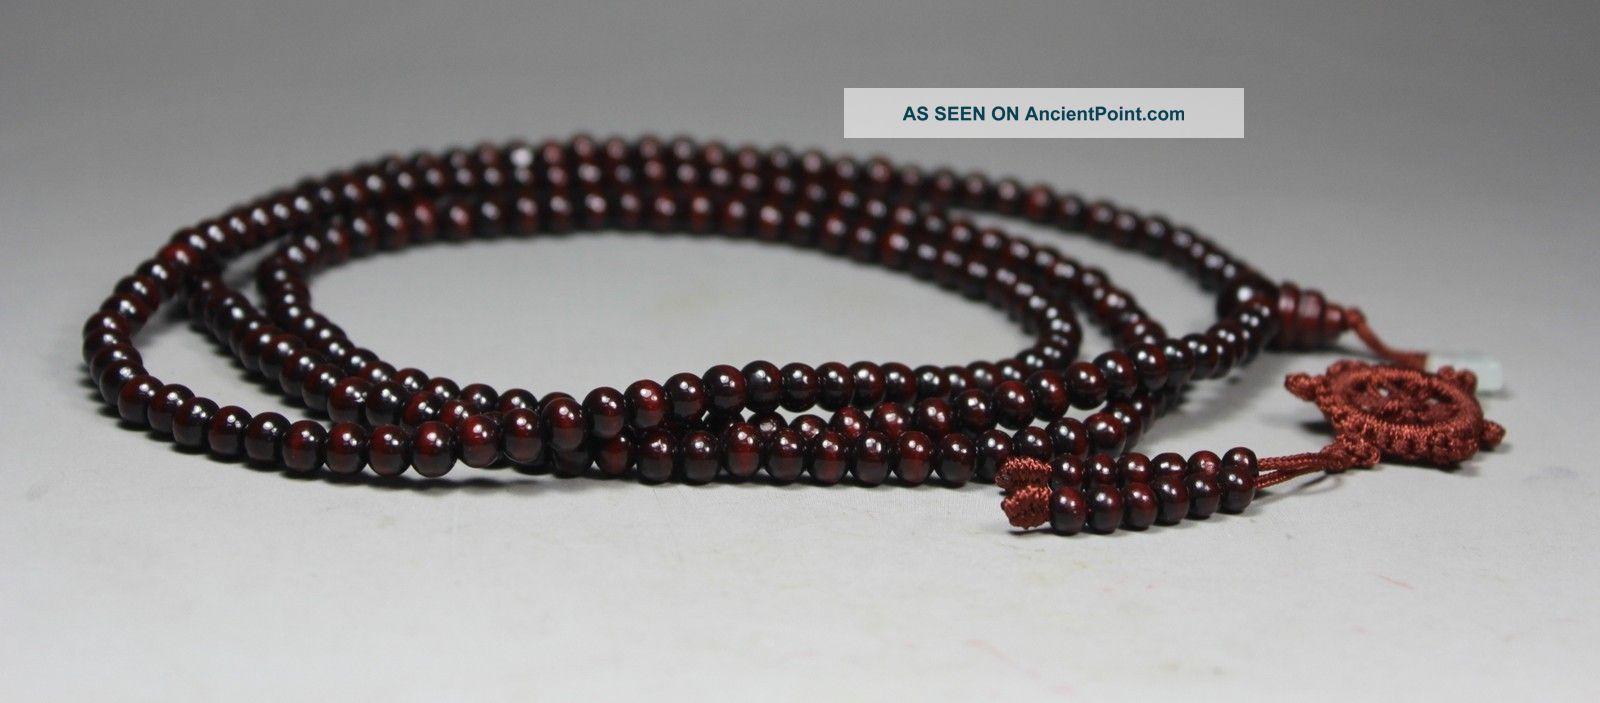 220 Beads Chinese Old Sandalwood/ Jade Handwork Buddha Beads Bracelet/ Necklace Buddha photo